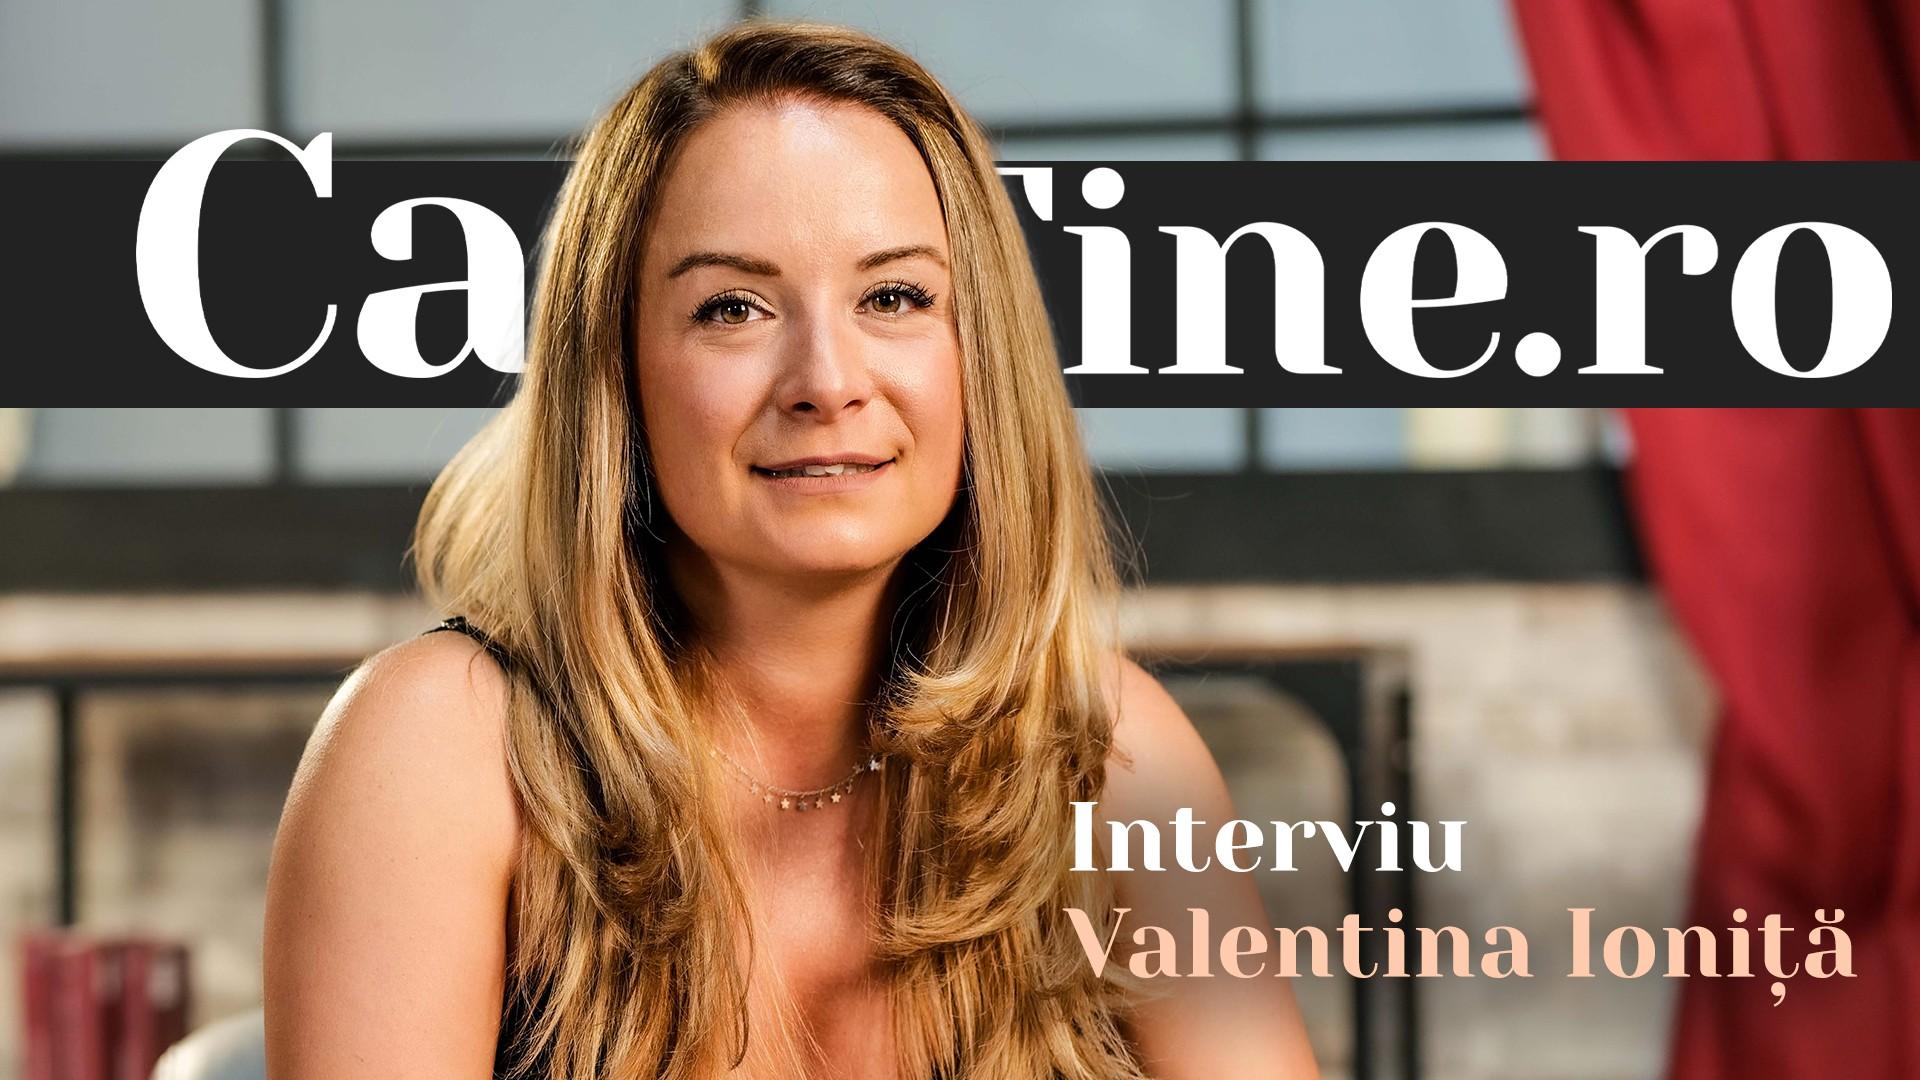 CaTine.ro - Interviu - Valentina Ioniţă - Hazlie